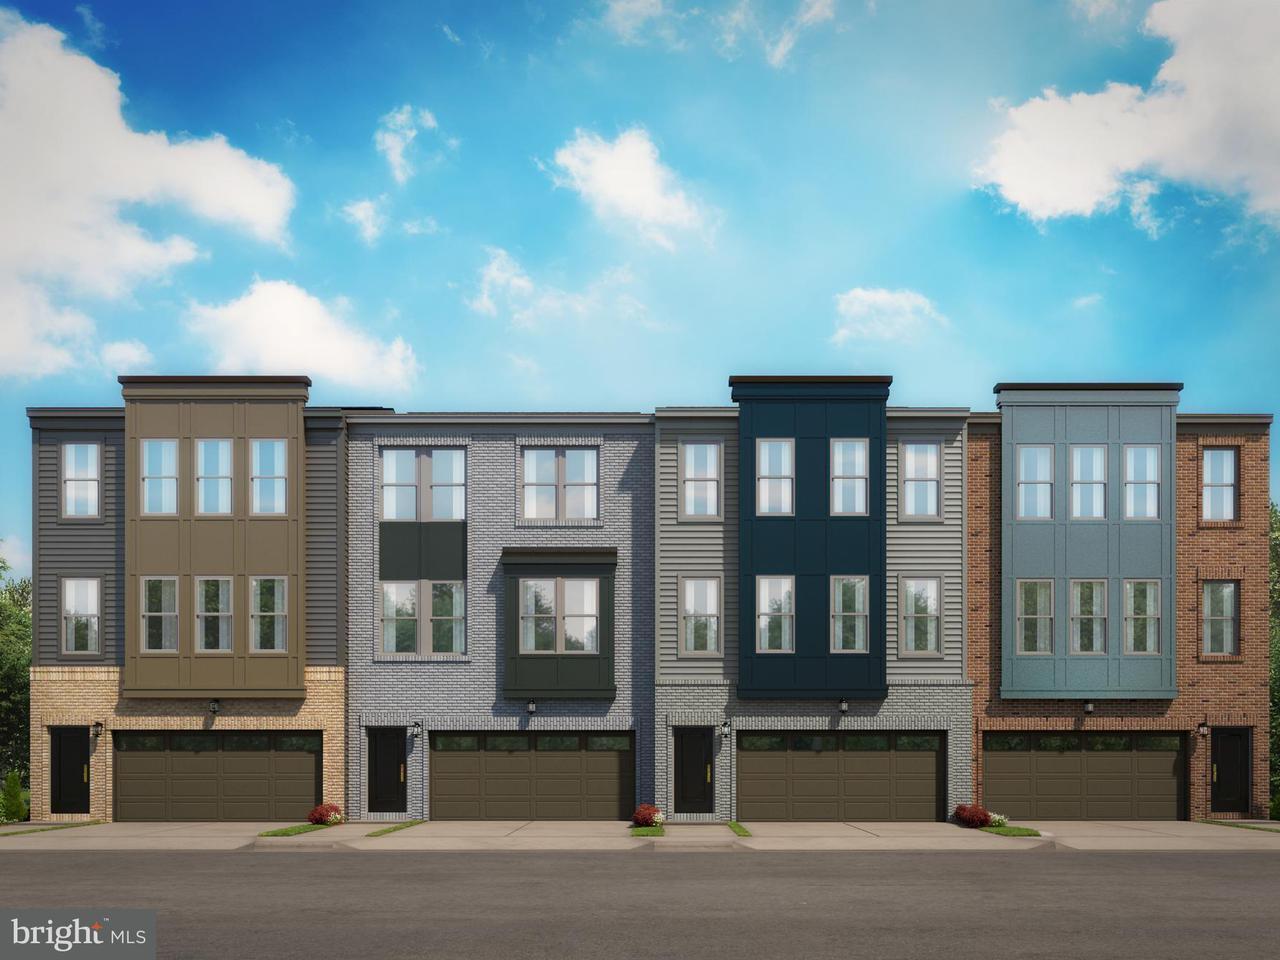 Σπίτι στην πόλη για την Πώληση στο 10525 Ratcliffe Trail 10525 Ratcliffe Trail Manassas, Βιρτζινια 20110 Ηνωμενεσ Πολιτειεσ